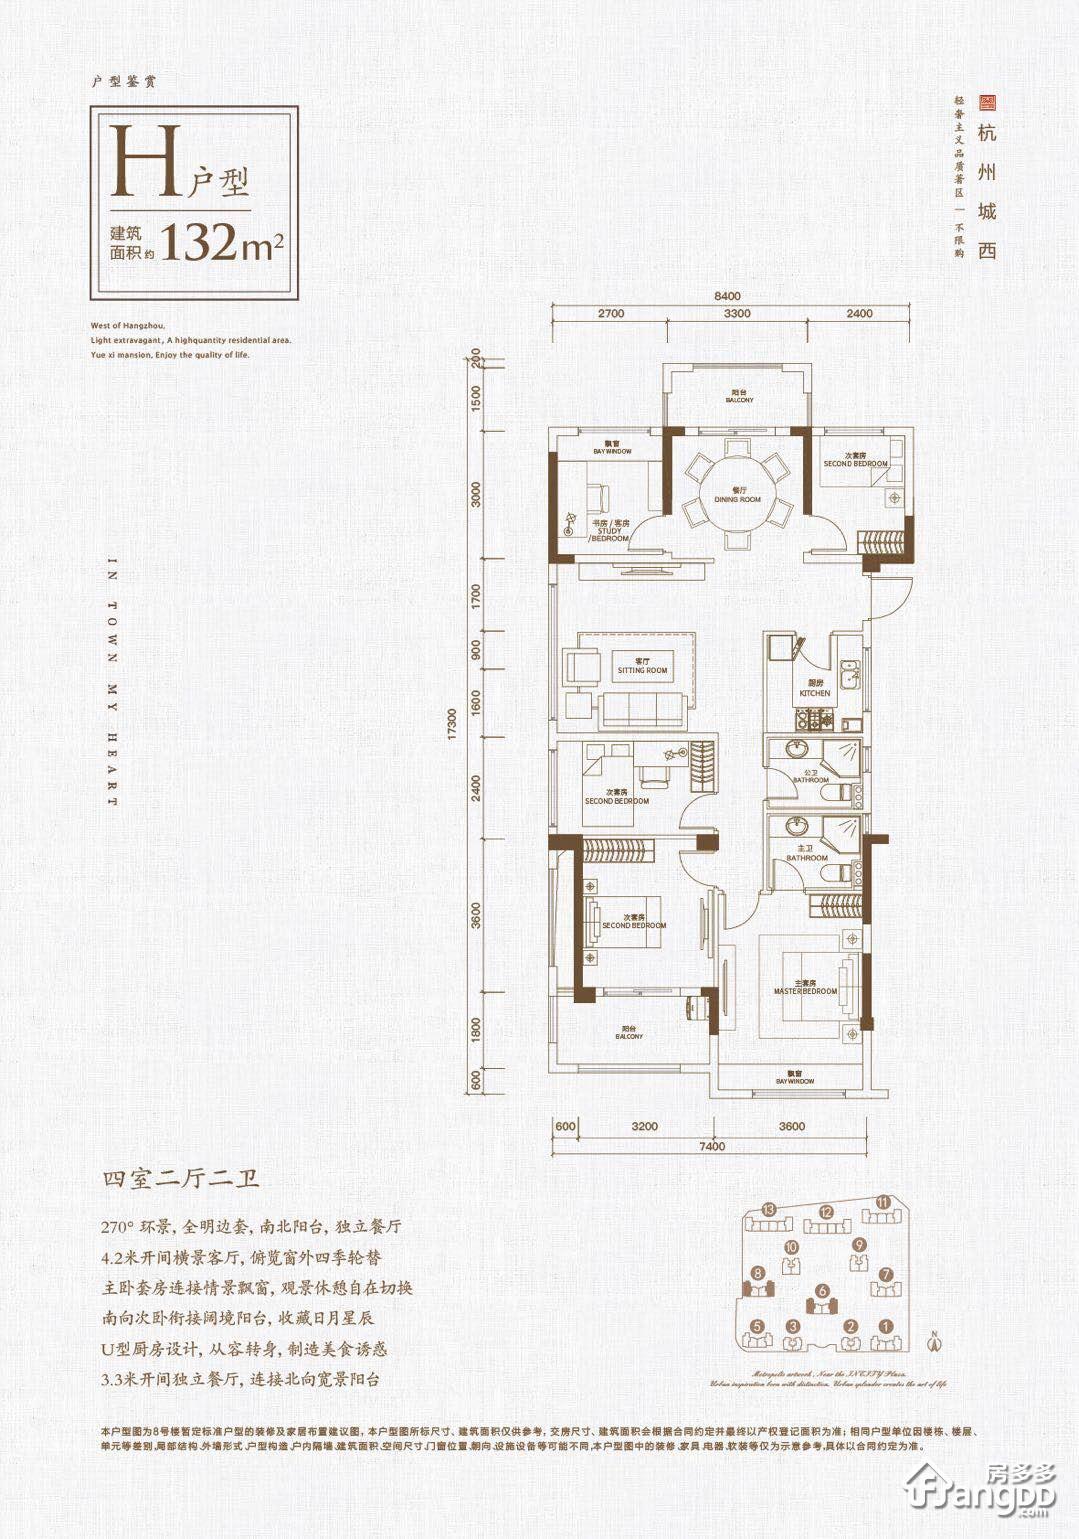 国能悦玺台4室2厅2卫户型图